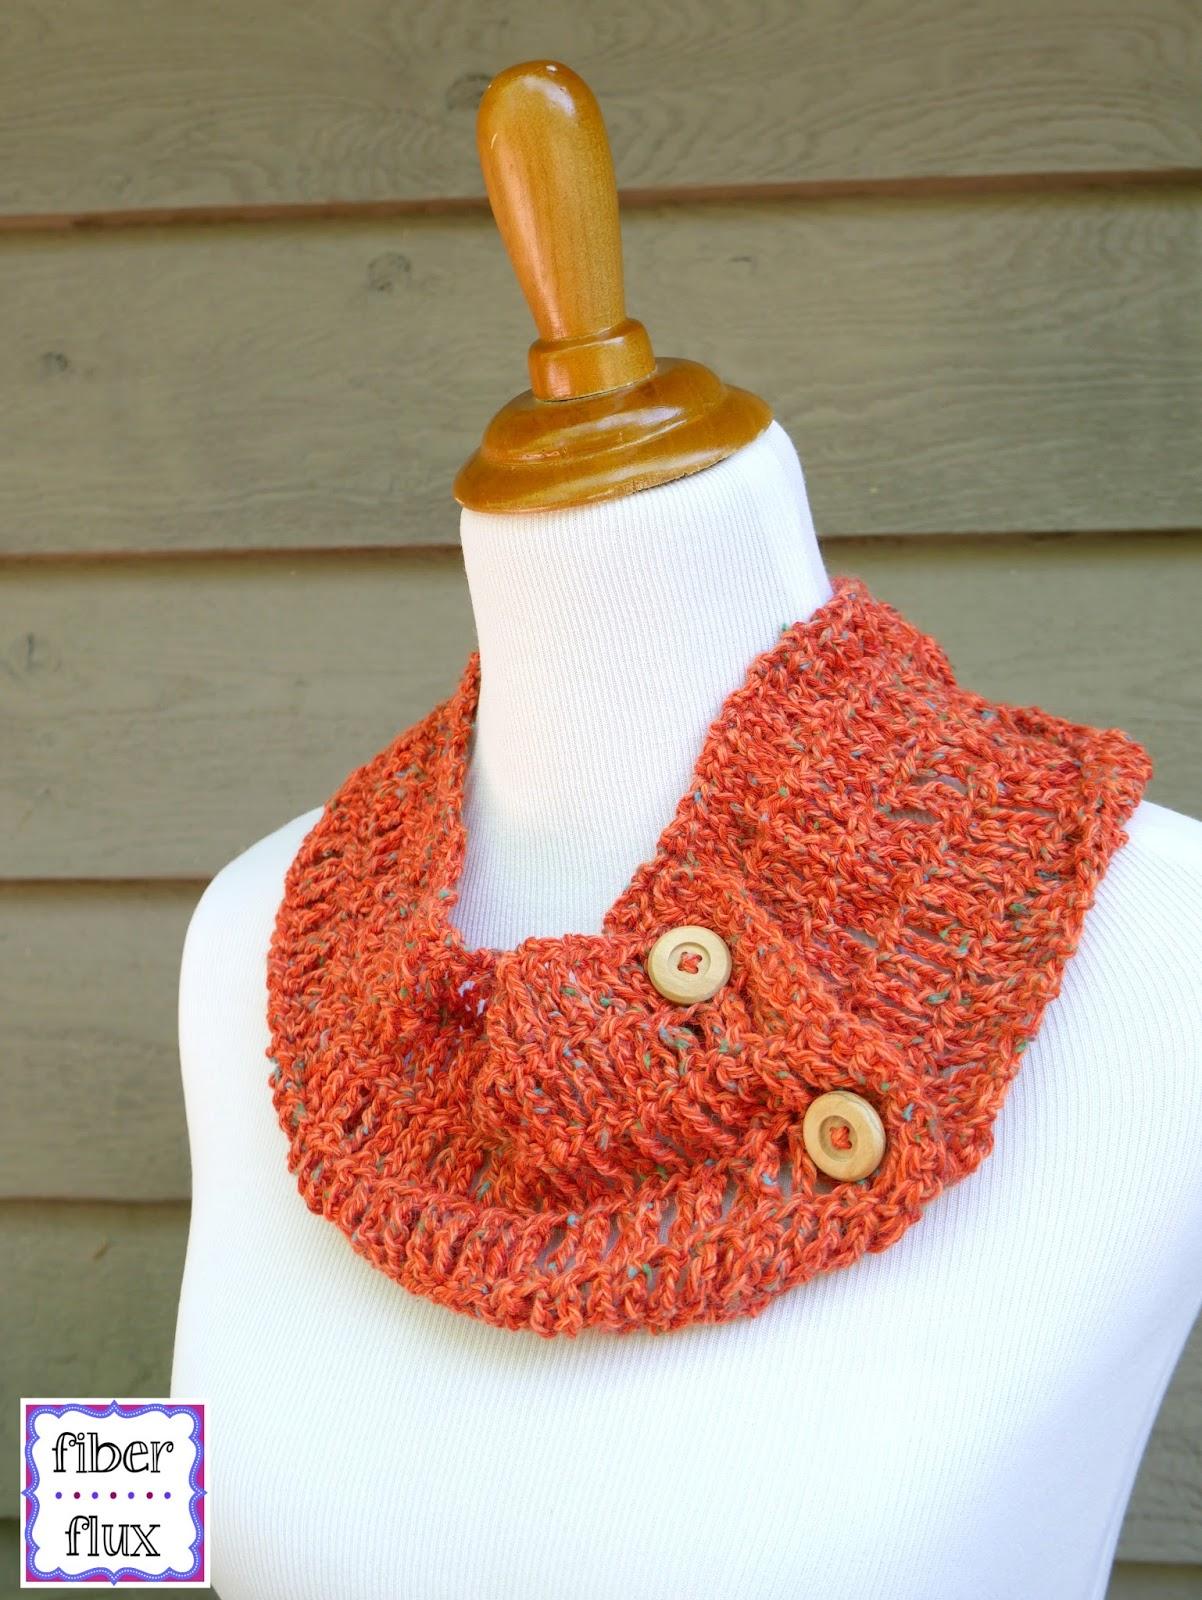 Fiber Flux Free Crochet Patterntiger Lily Summer Cowl